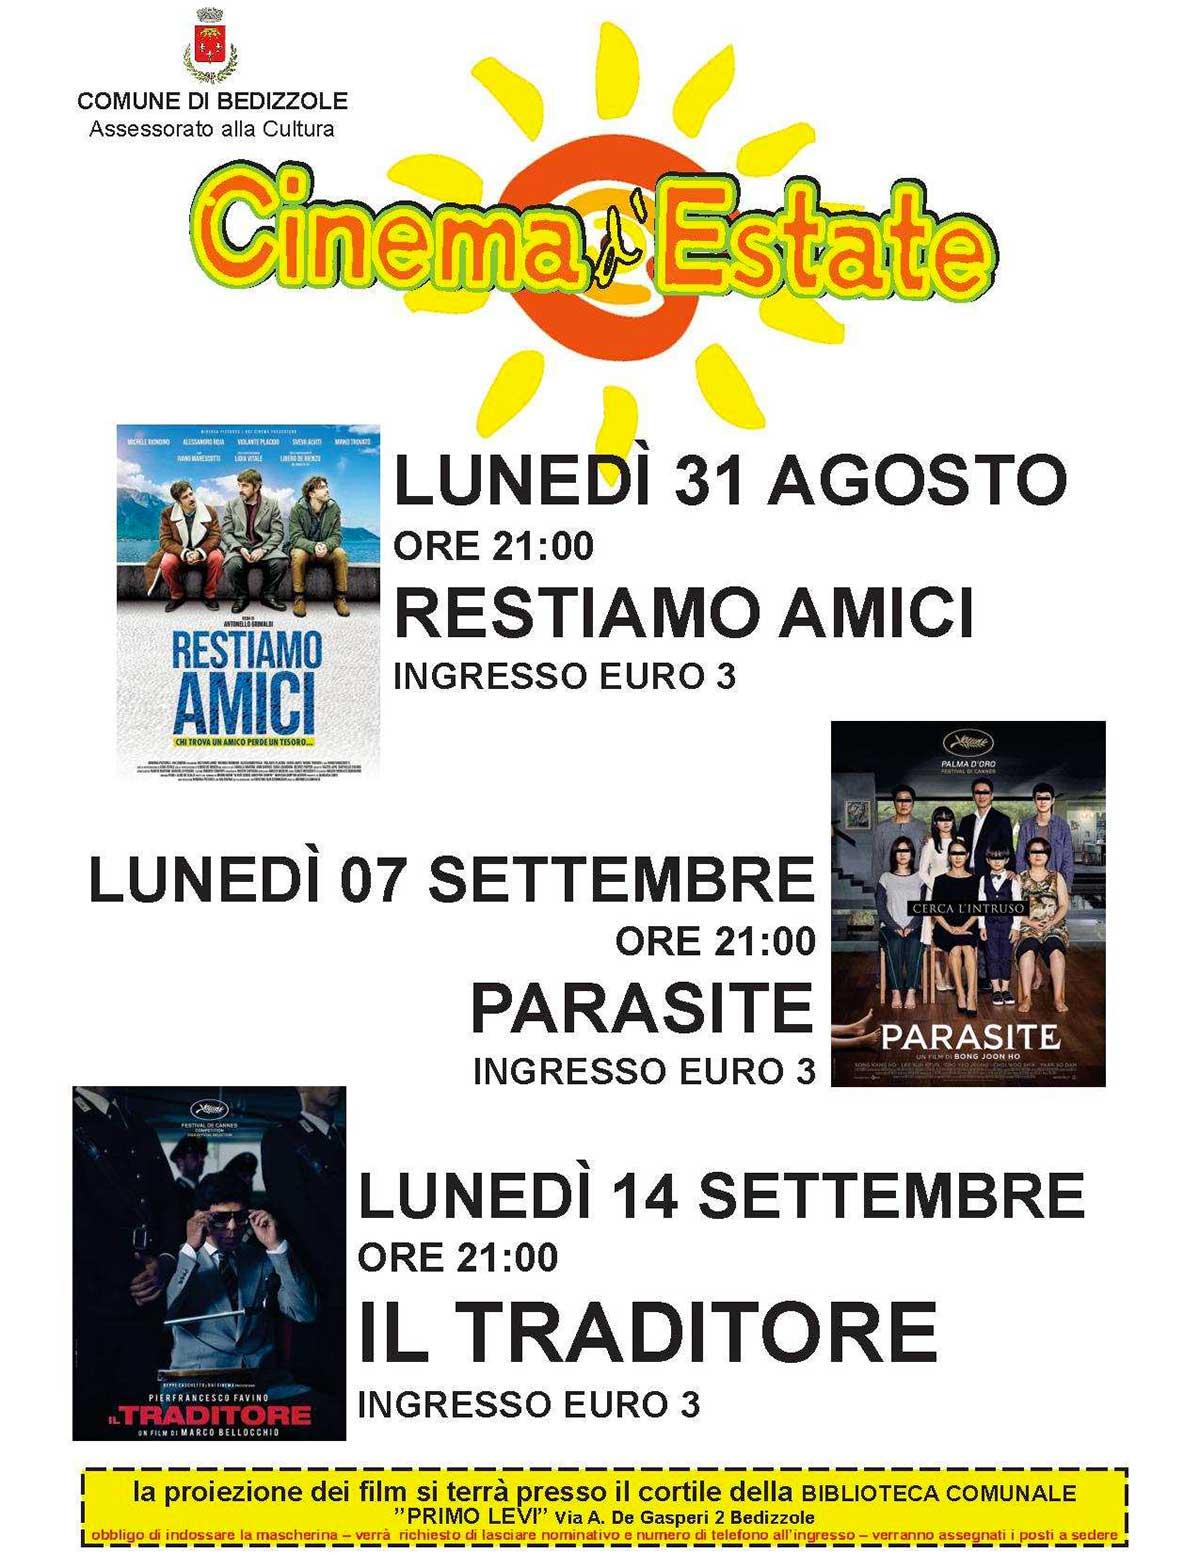 Bedizzole_cinema_destate-2020-recuperi